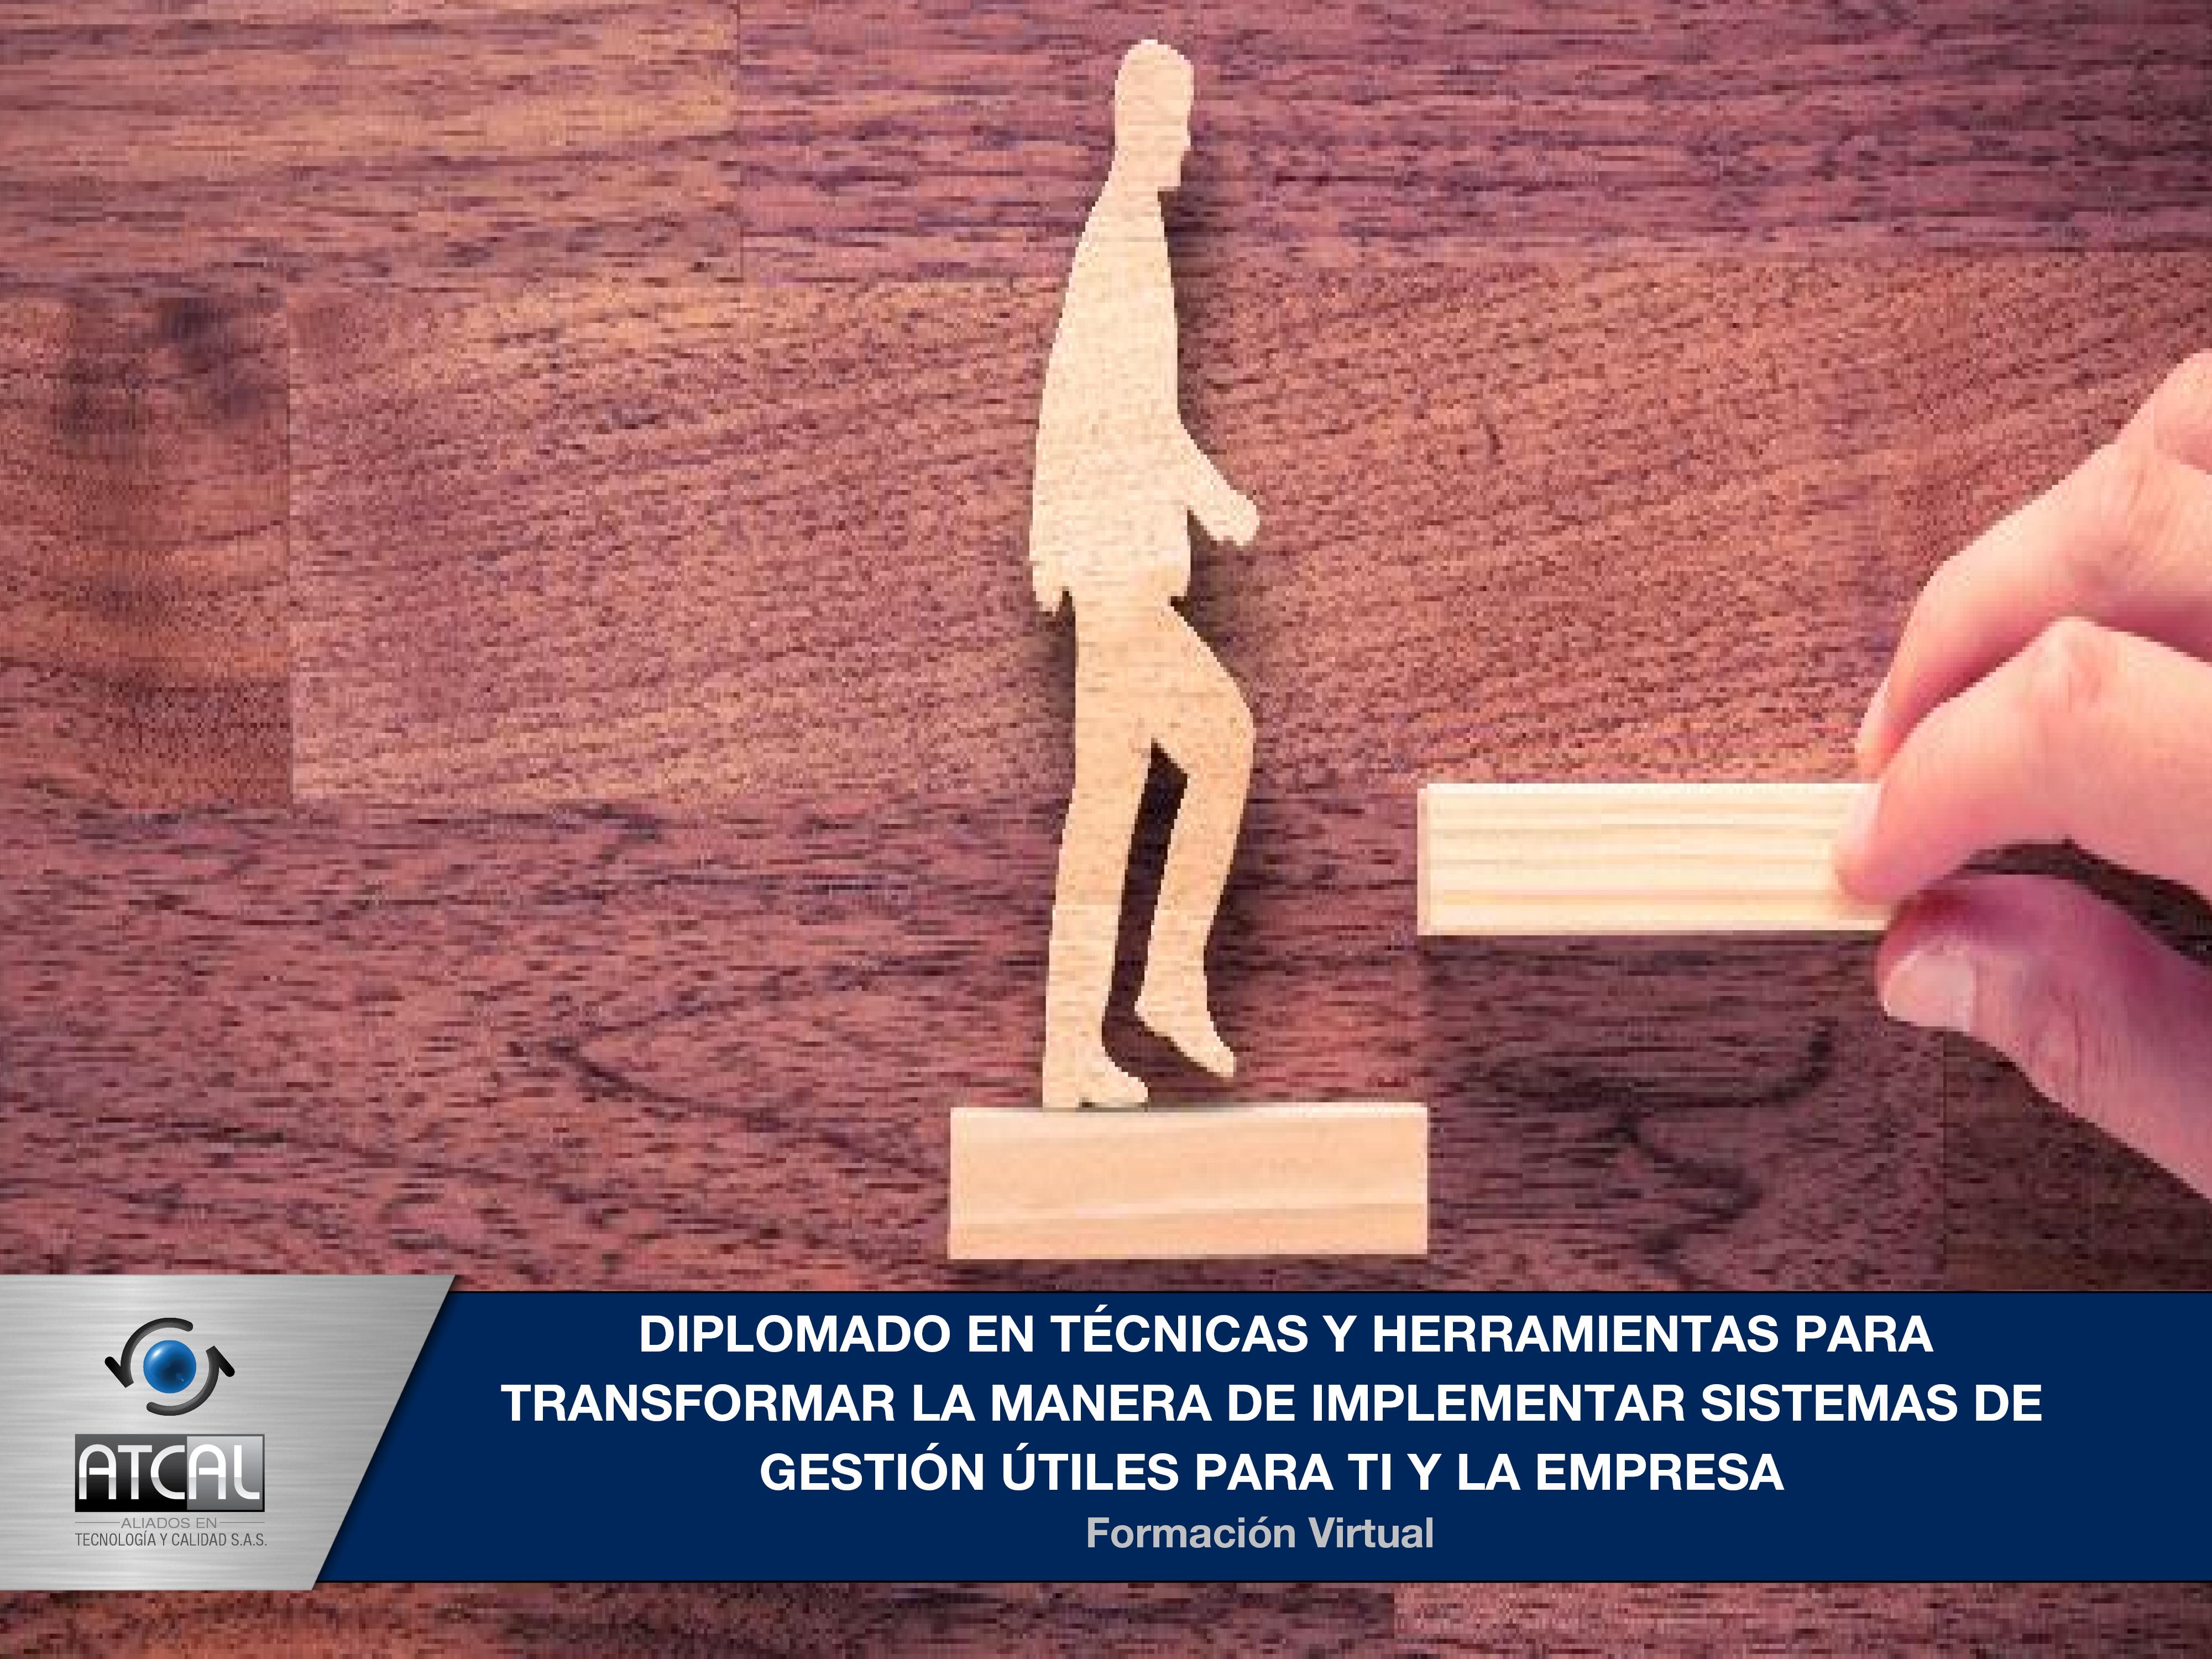 Diplomado en Técnicas y Herramientas para Transformar la Manera de Implementar Sistemas de Gestión Útiles para ti y para la Empresa Parte 1